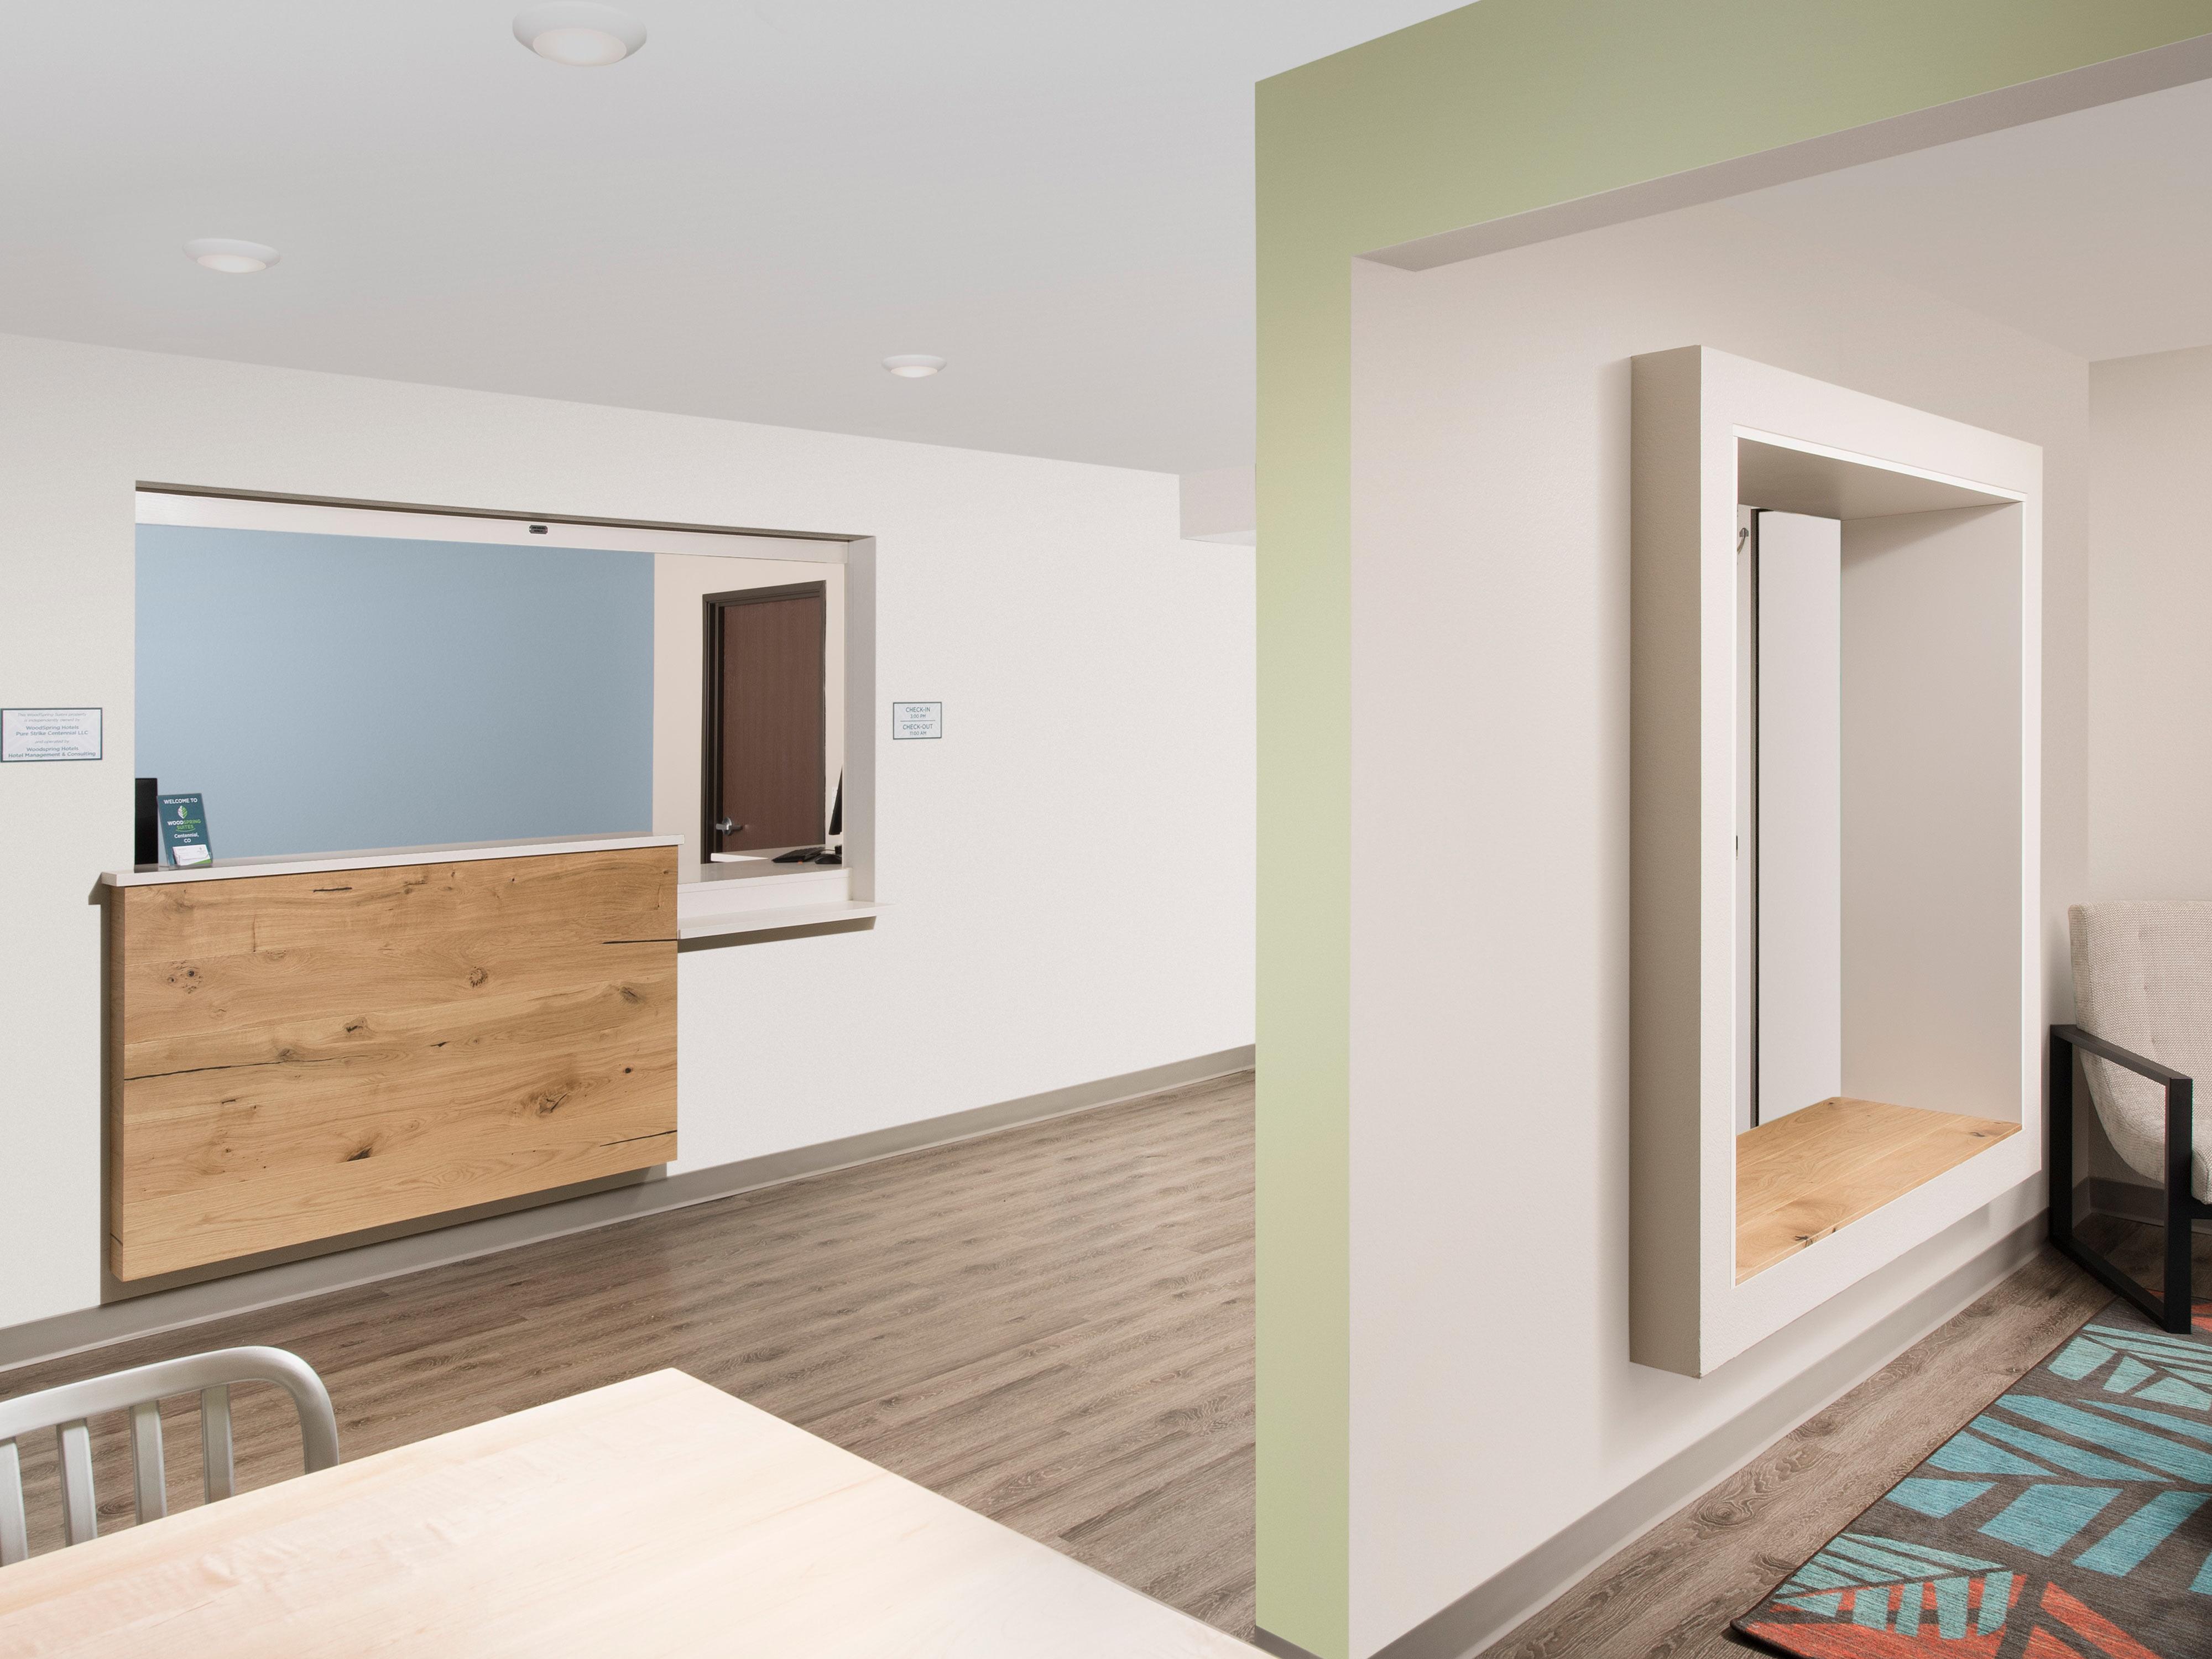 WoodSpring Suites Denver Centennial